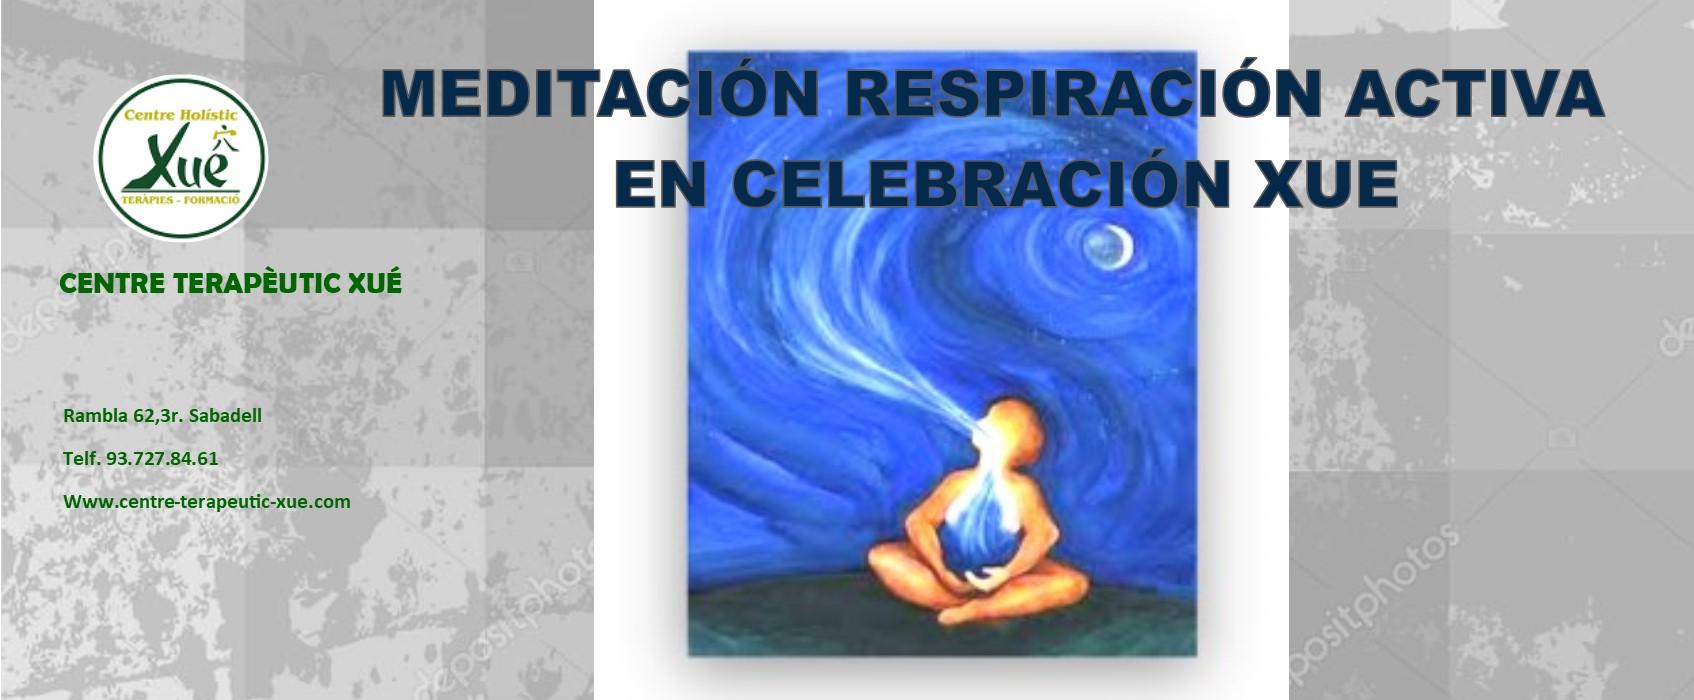 pranayama renacimiento meditacion